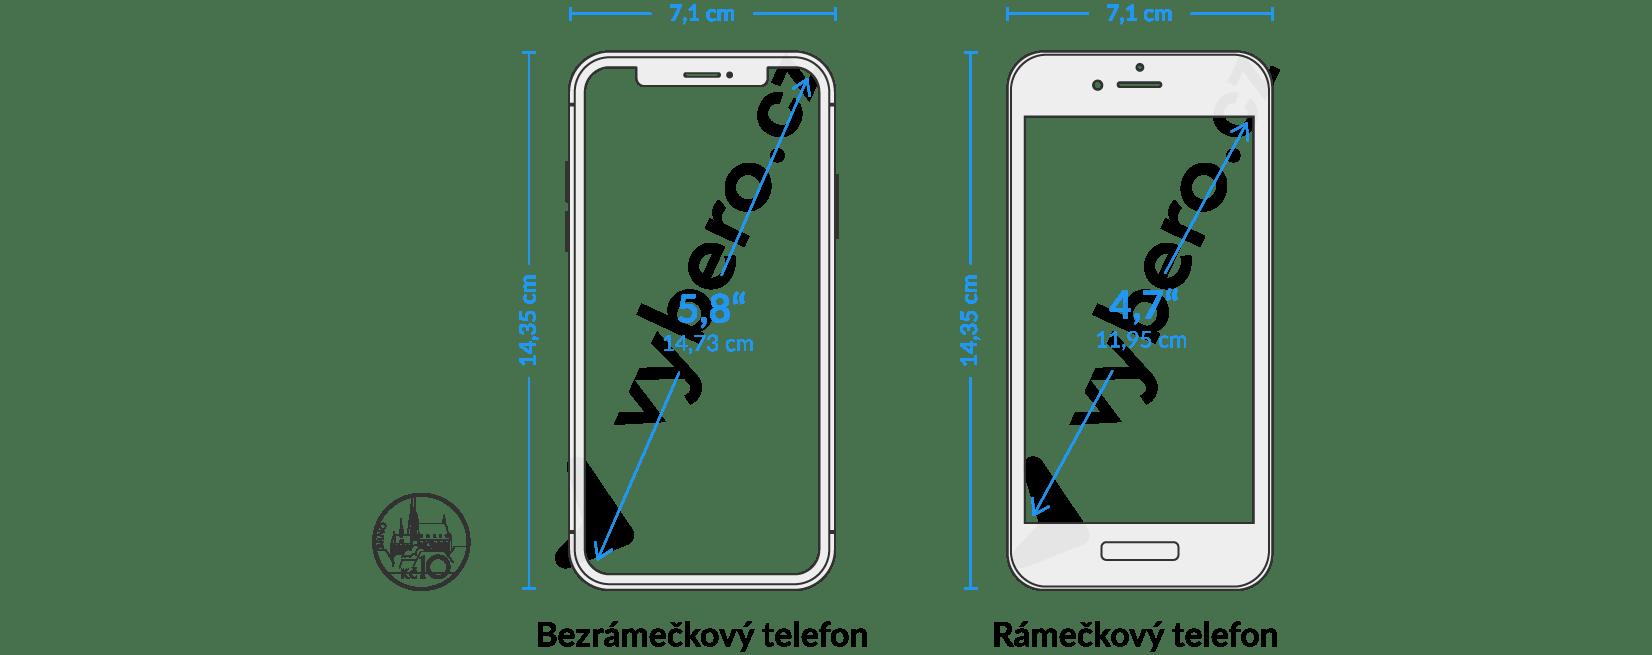 Obrázek zobrazuje rozdíl mezi rámečkovými a bezrámečkovými telefony